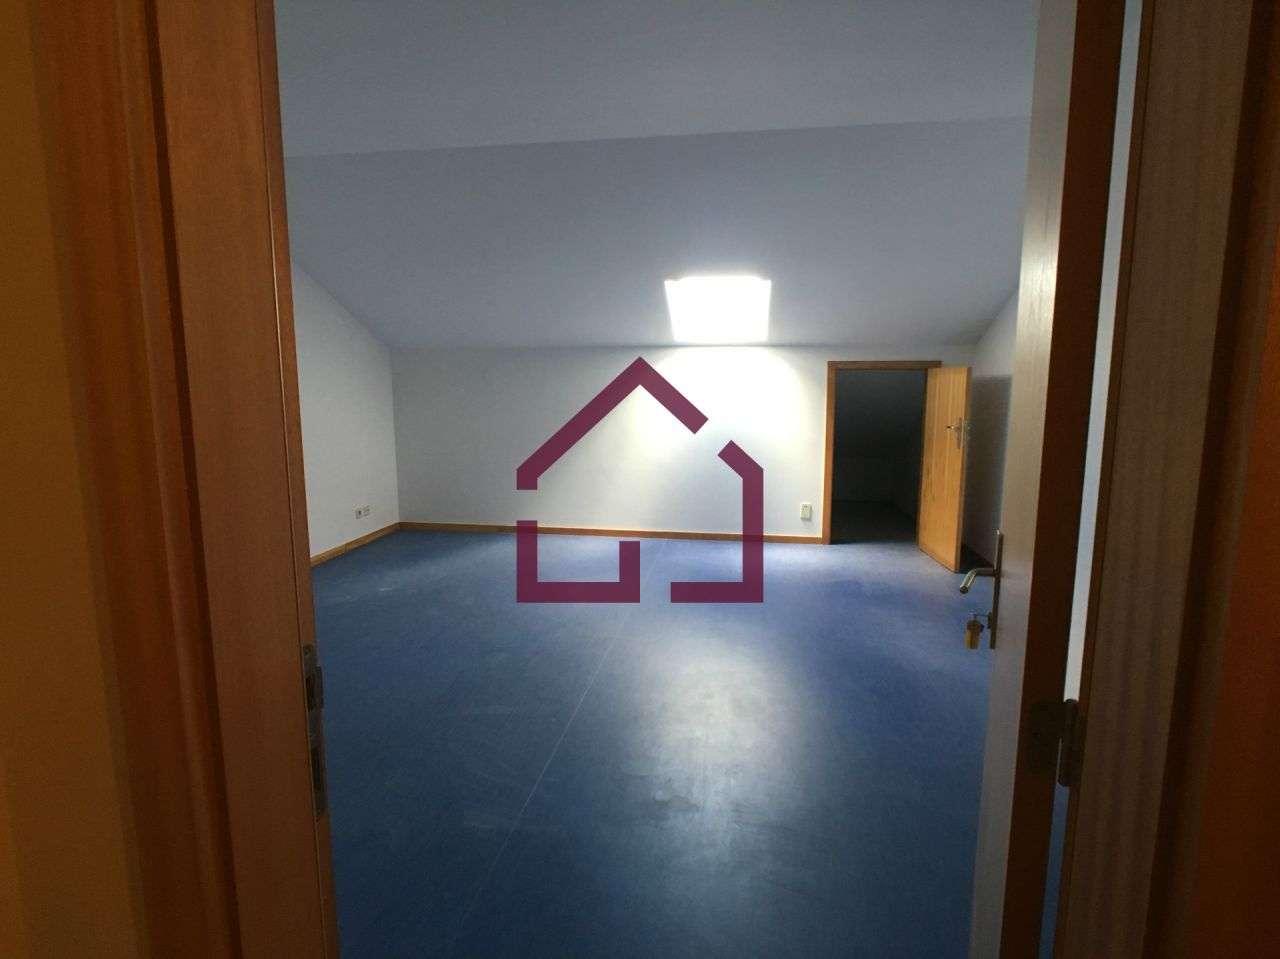 Apartamento para comprar, Santa Maria da Feira, Travanca, Sanfins e Espargo, Aveiro - Foto 14